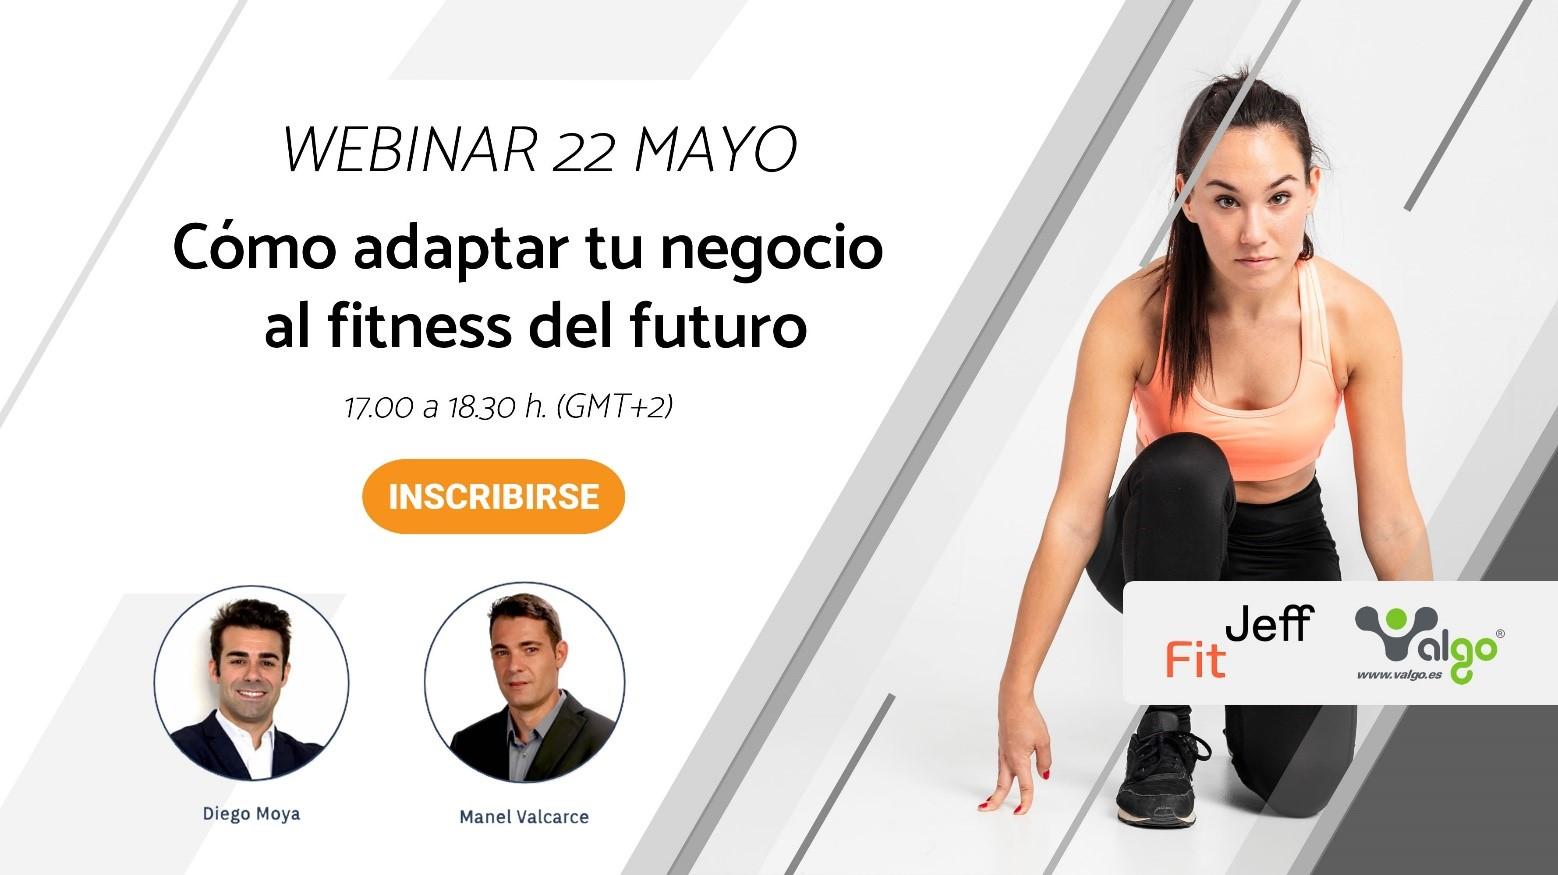 'Cómo adaptar tu negocio al fitness del futuro', nuevo webinar de Valgo